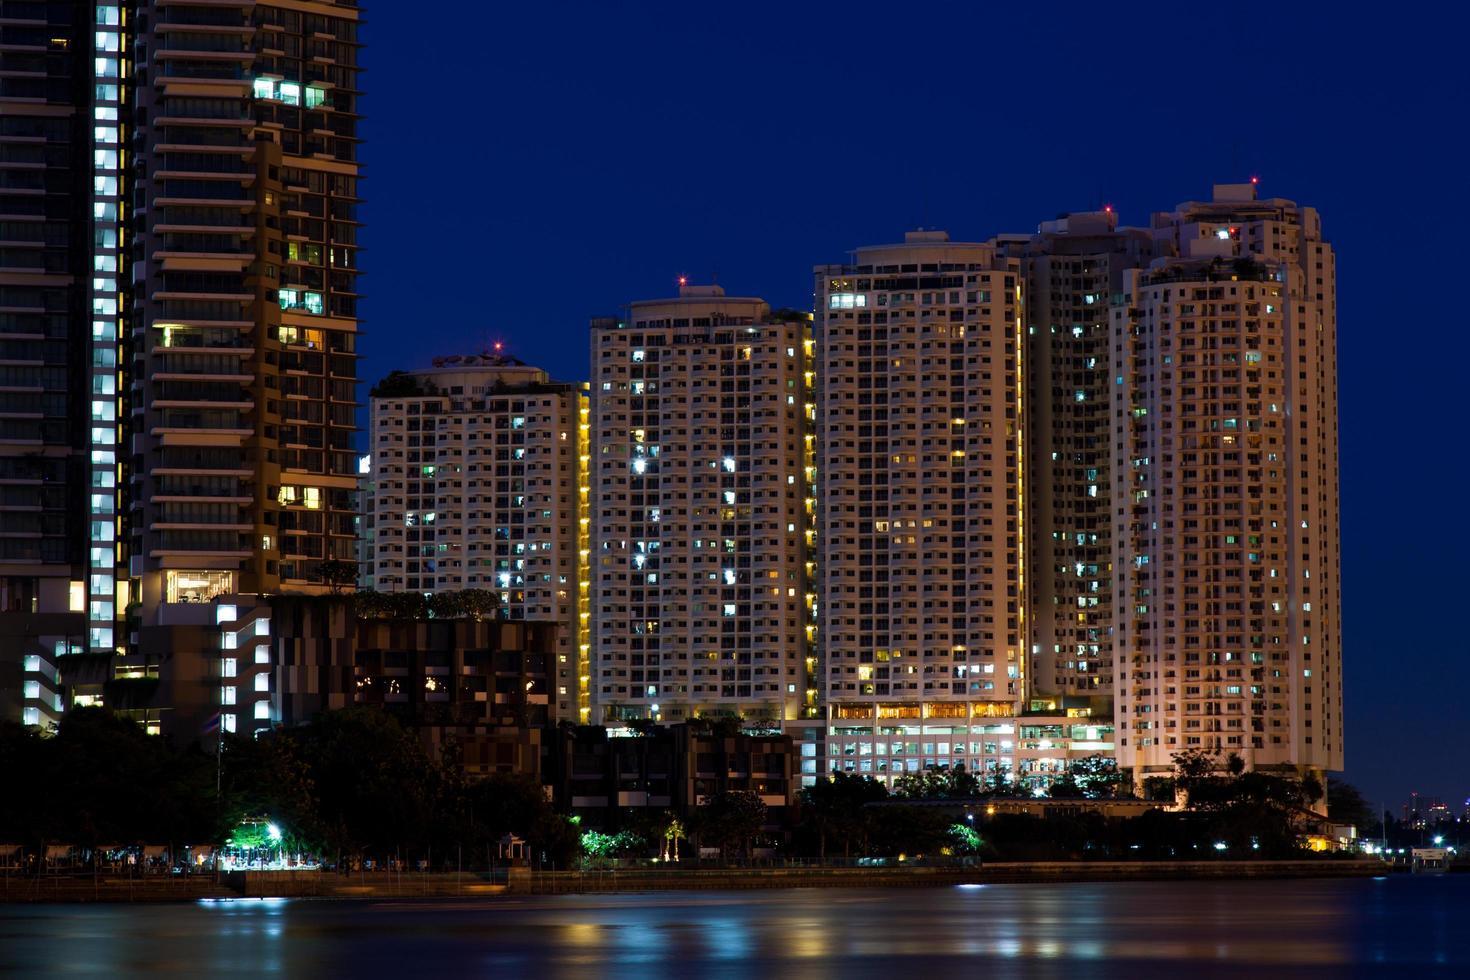 condominiums et gratte-ciel la nuit photo